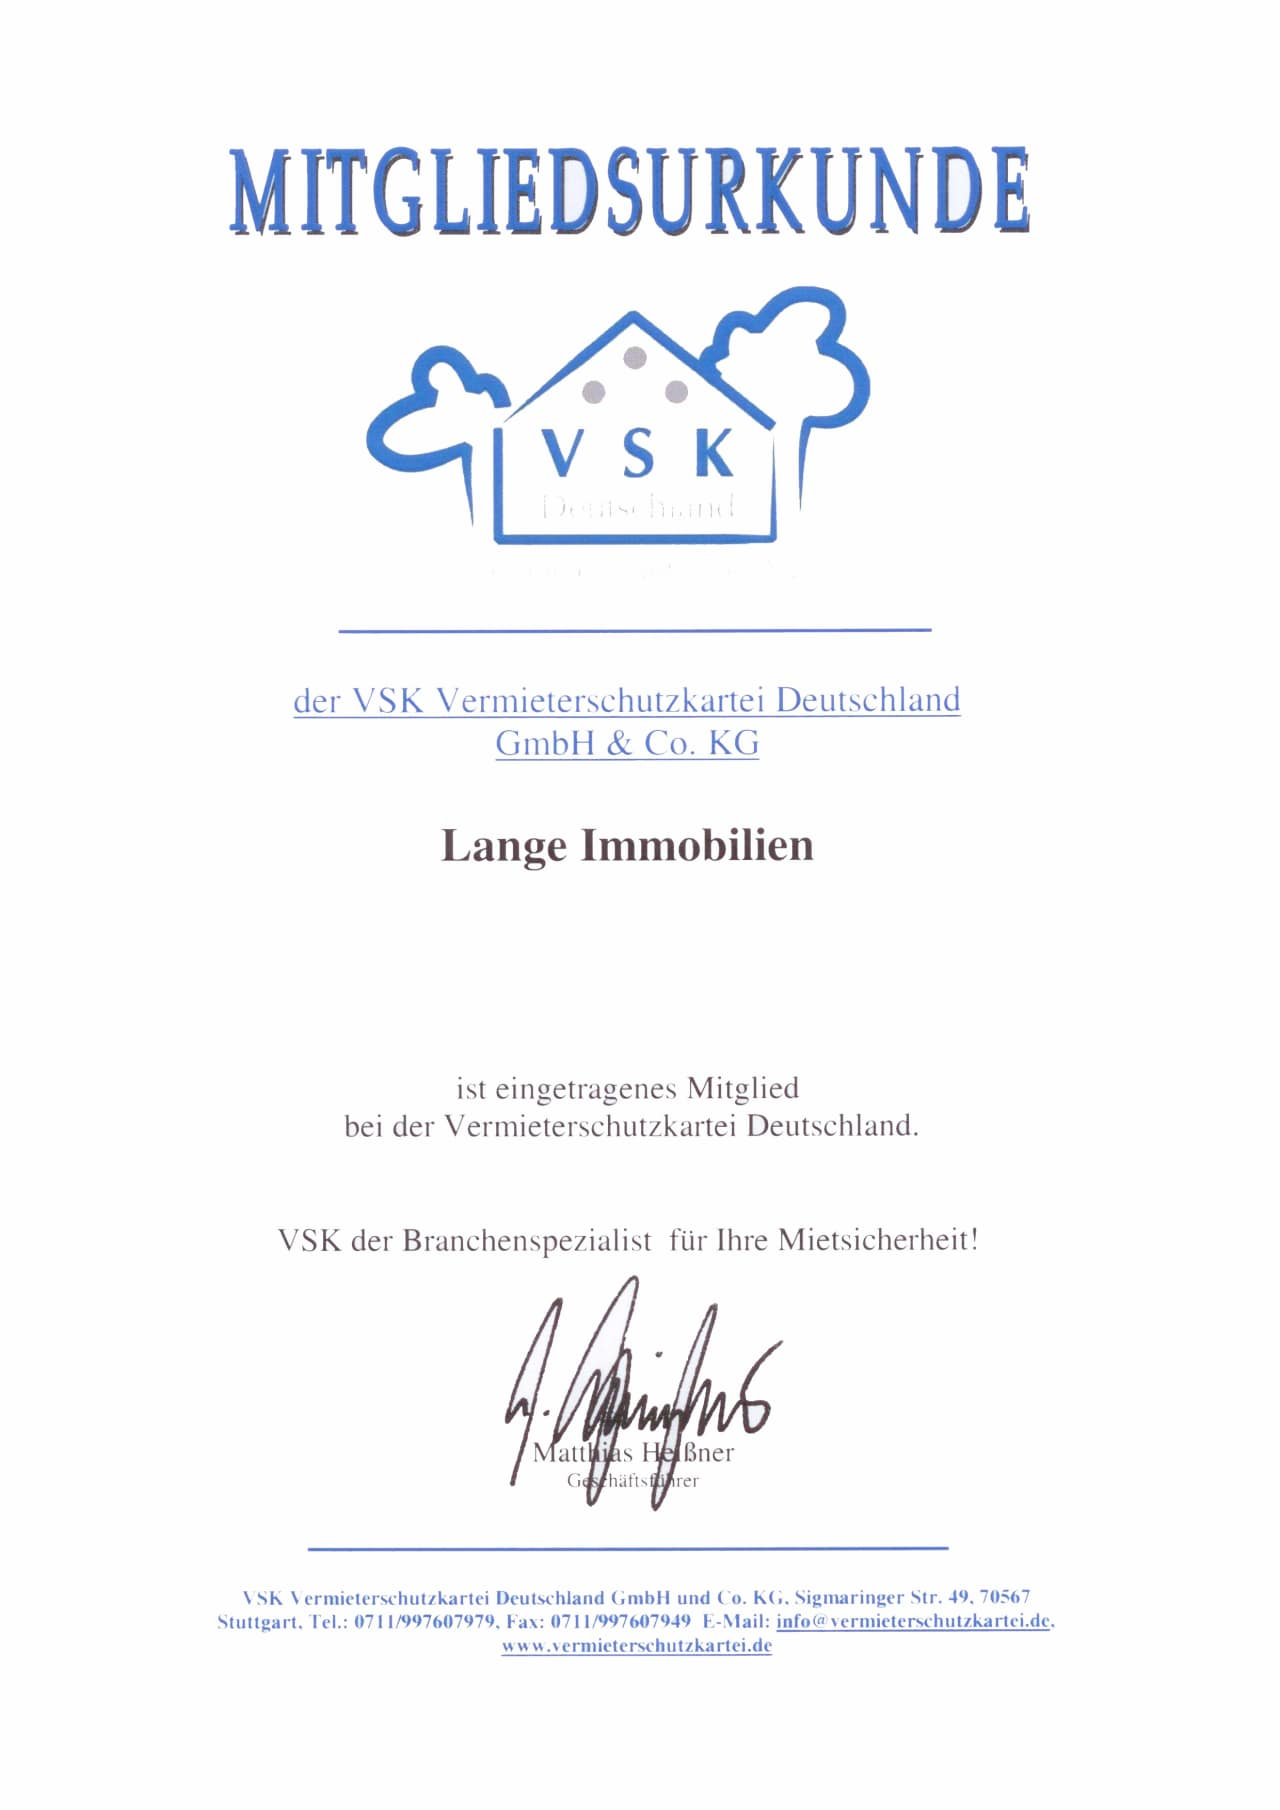 Mitglied der Vermieterschutzkartei Deutschland